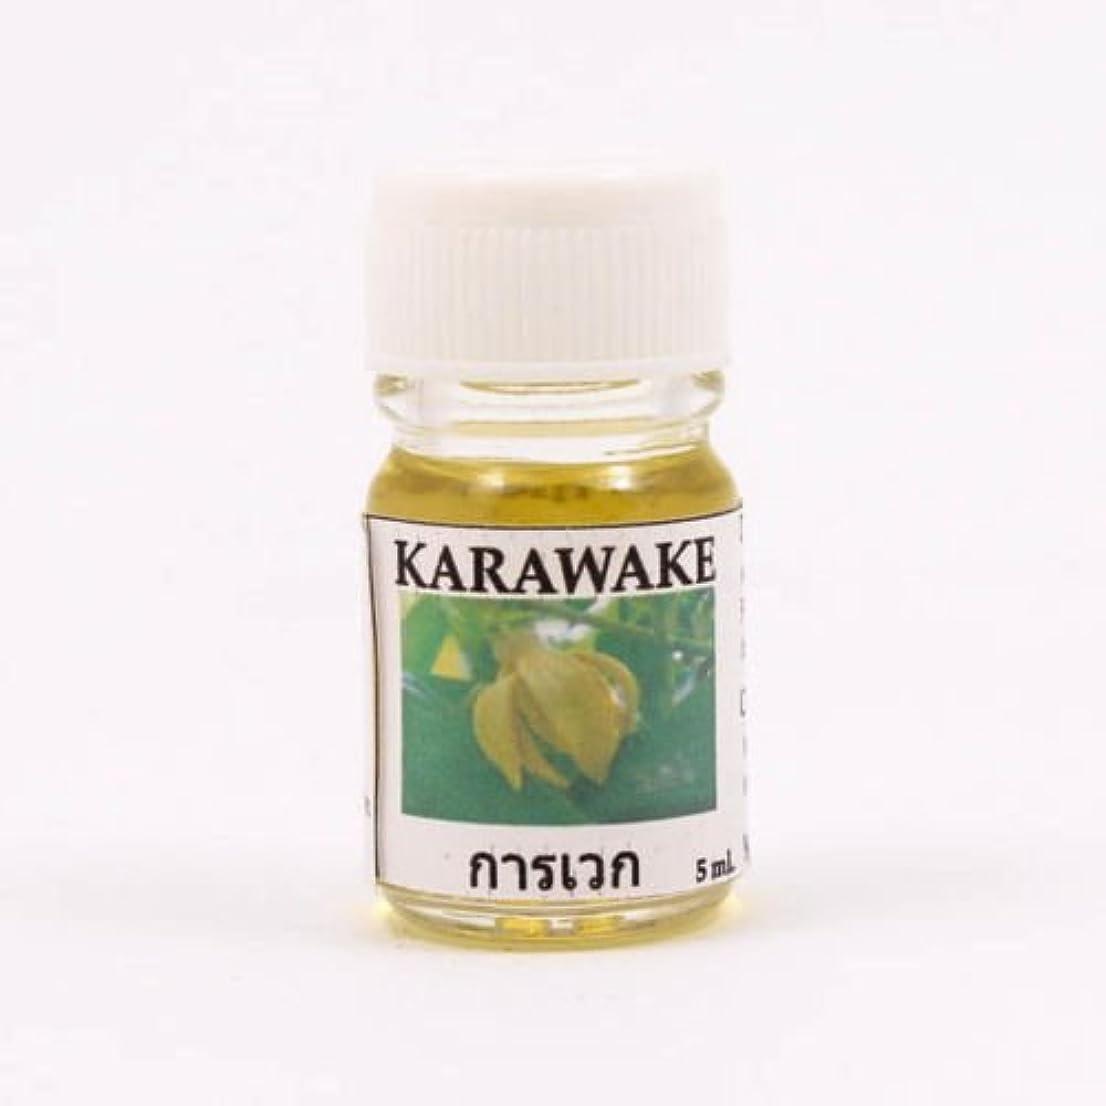 滅多瞳クランシー6X Karawake Aroma Fragrance Essential Oil 5ML. cc Diffuser Burner Therapy